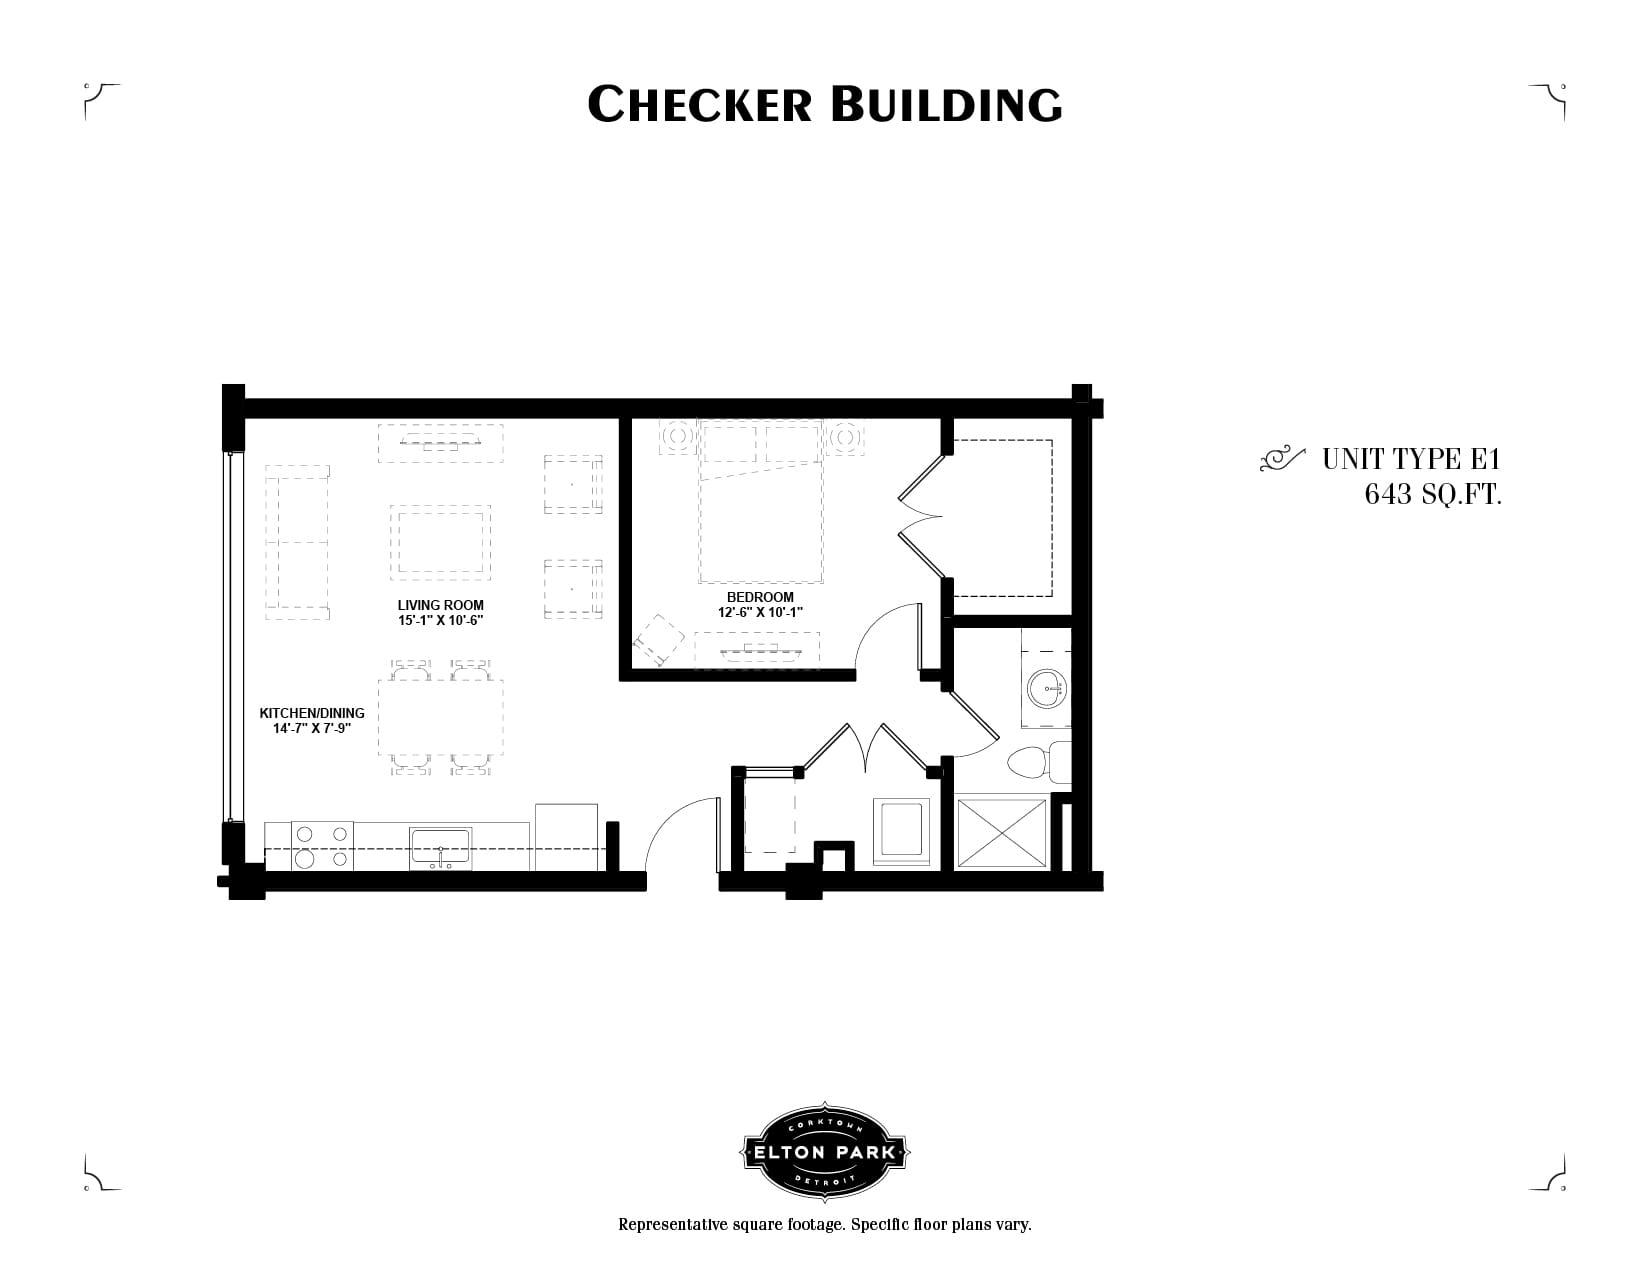 Checker Building Unit Type E1